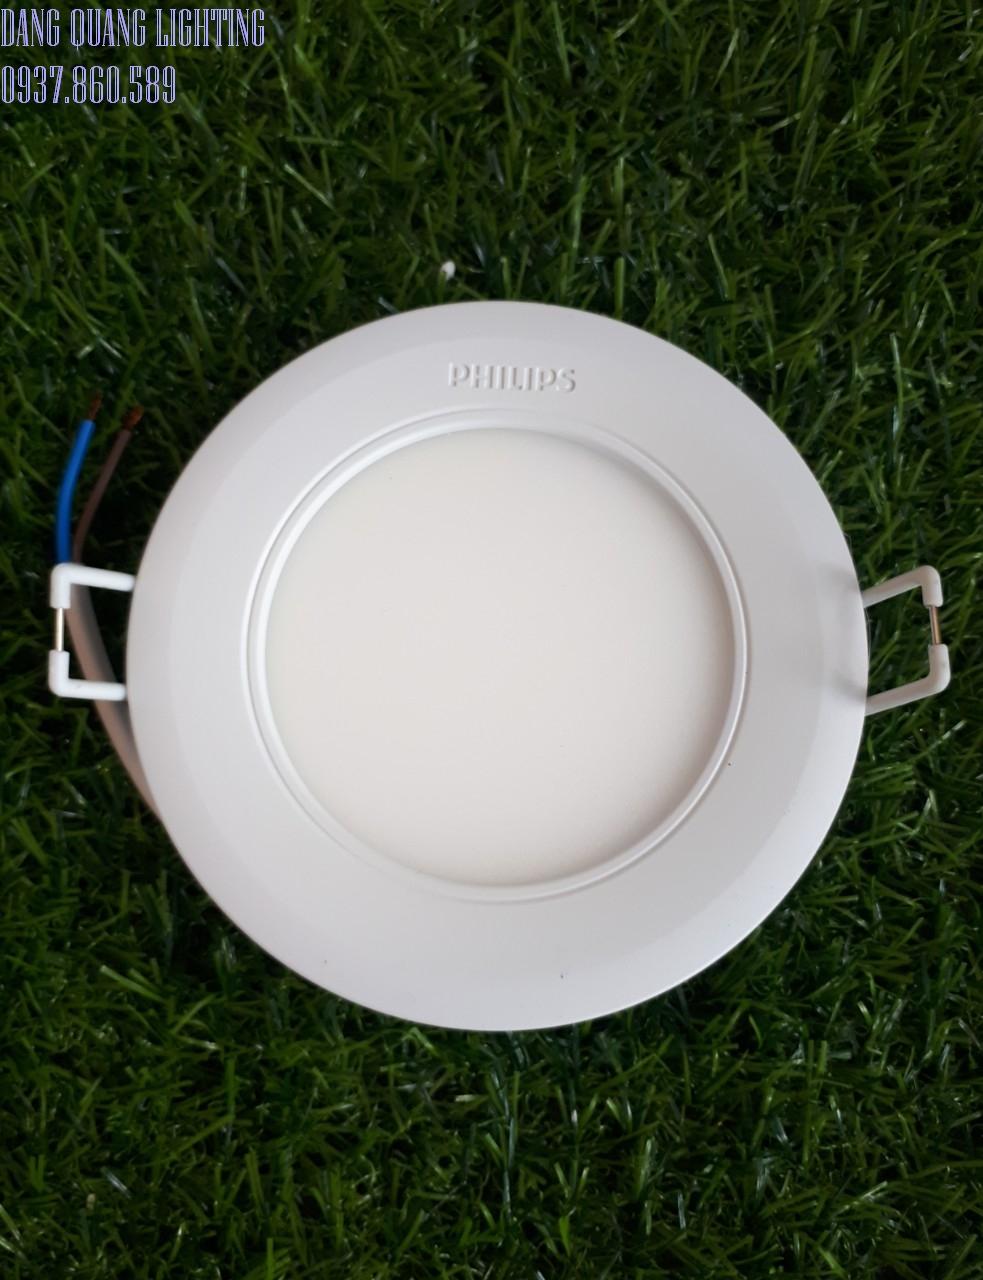 n âm trần Philips Marcasite 4 - Đèn âm trần Philips Marcasite 9W đến16 W